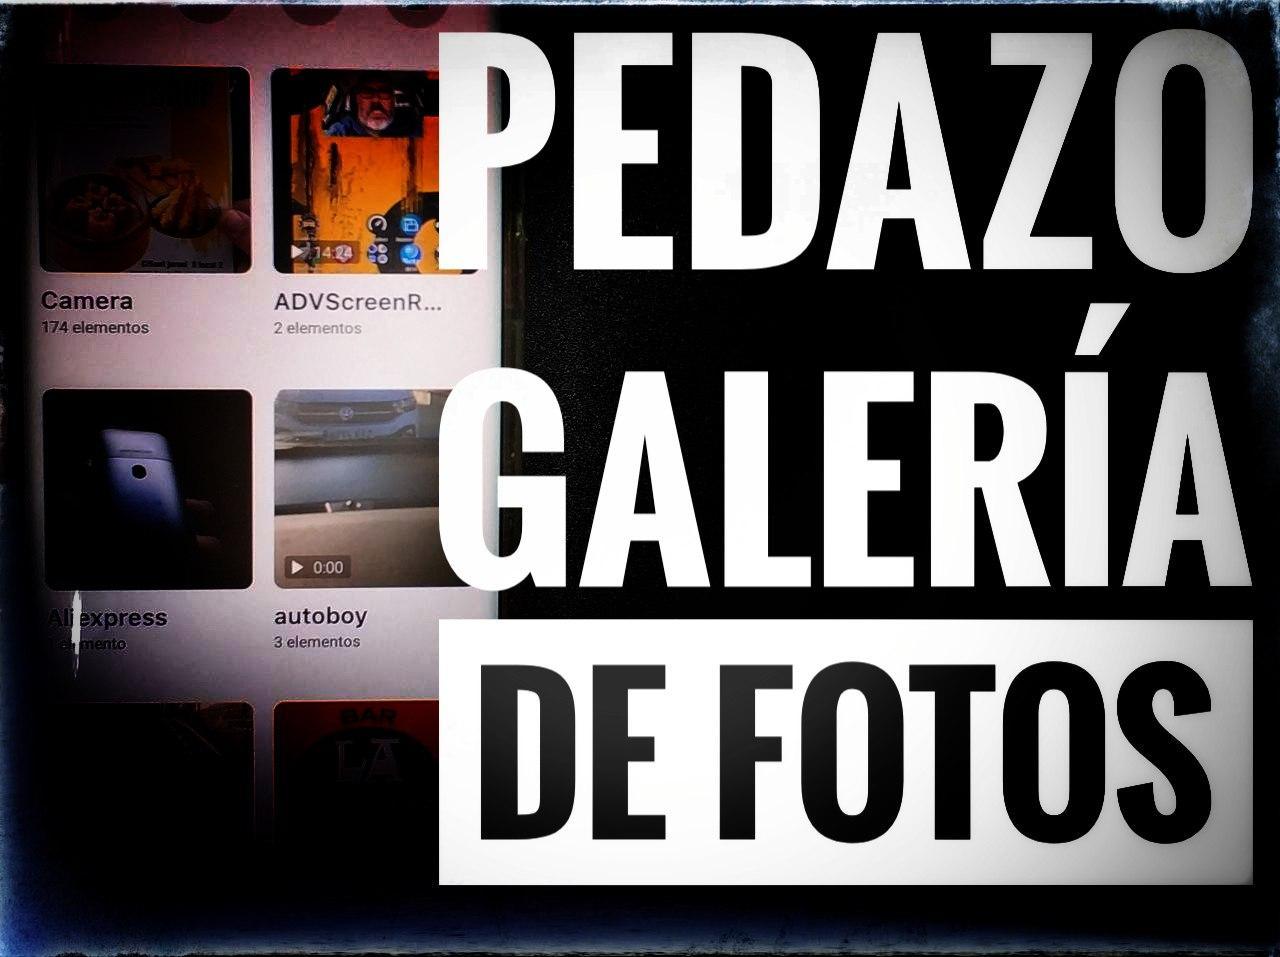 Pedazo Galería de Fotos para Android